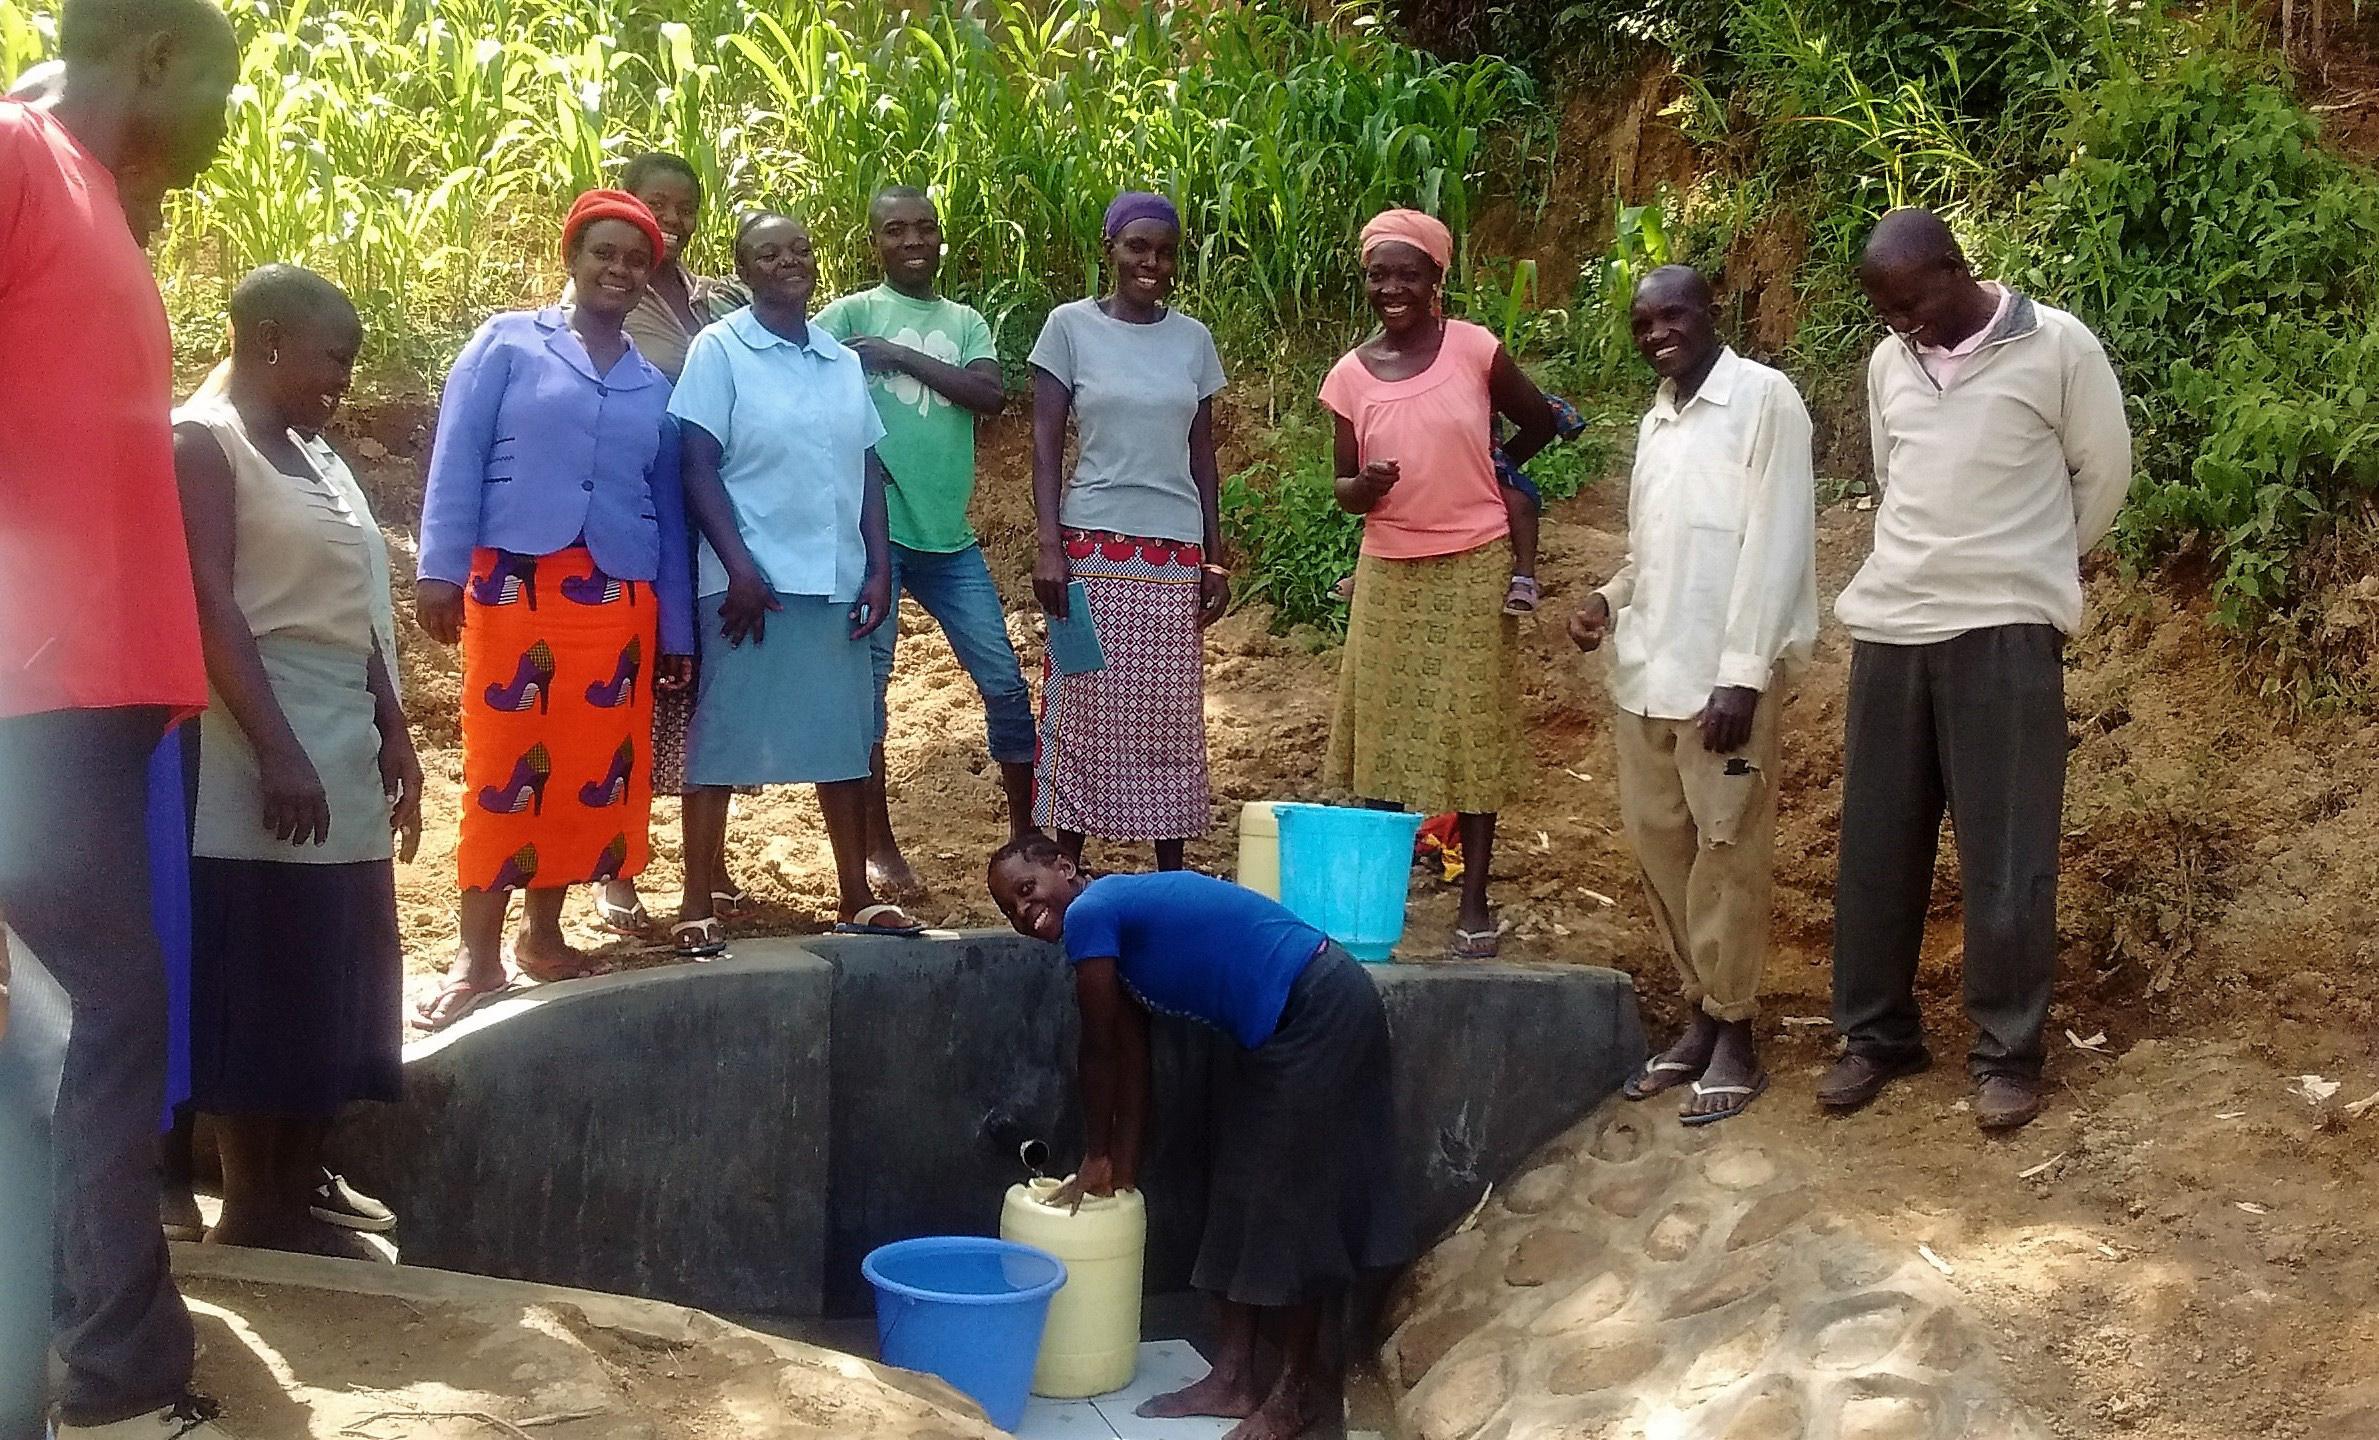 Elukho Community